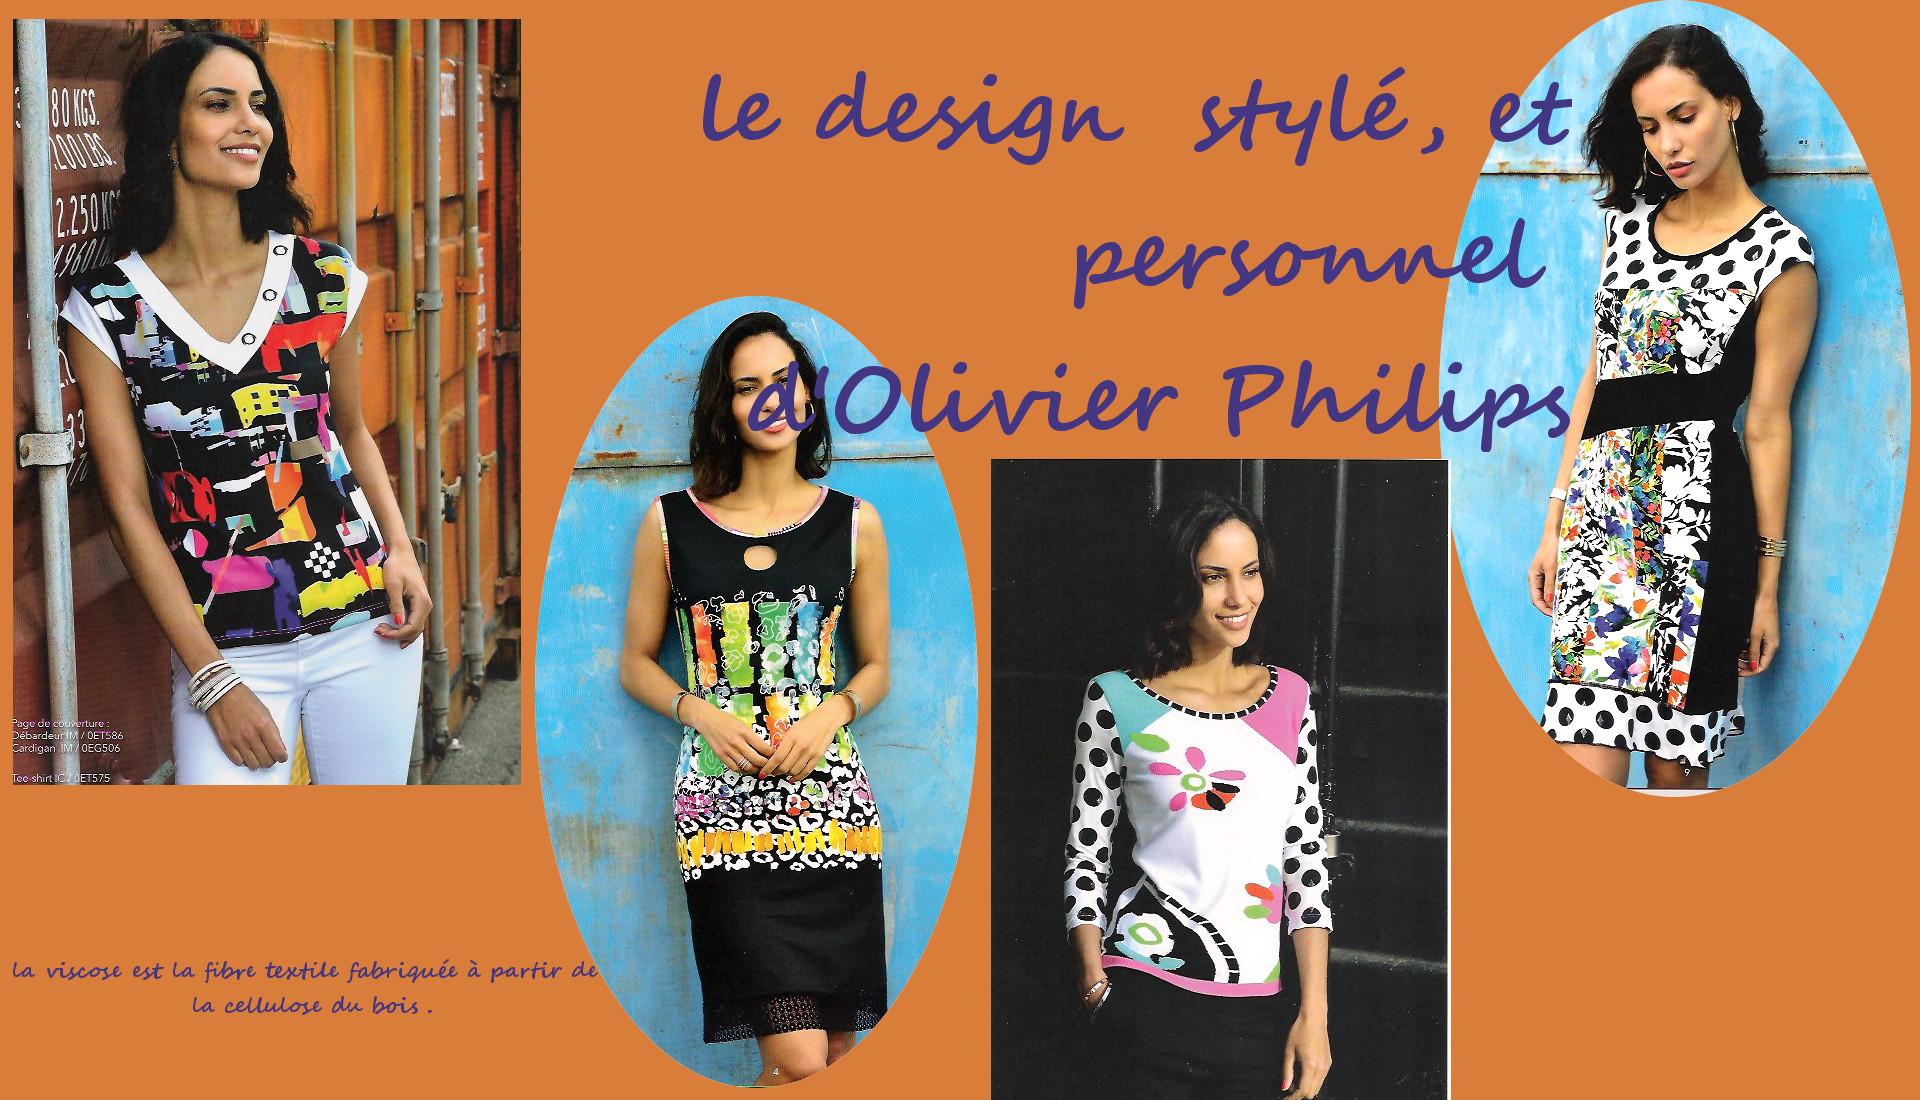 magasin nicole-couture argelès-gazost